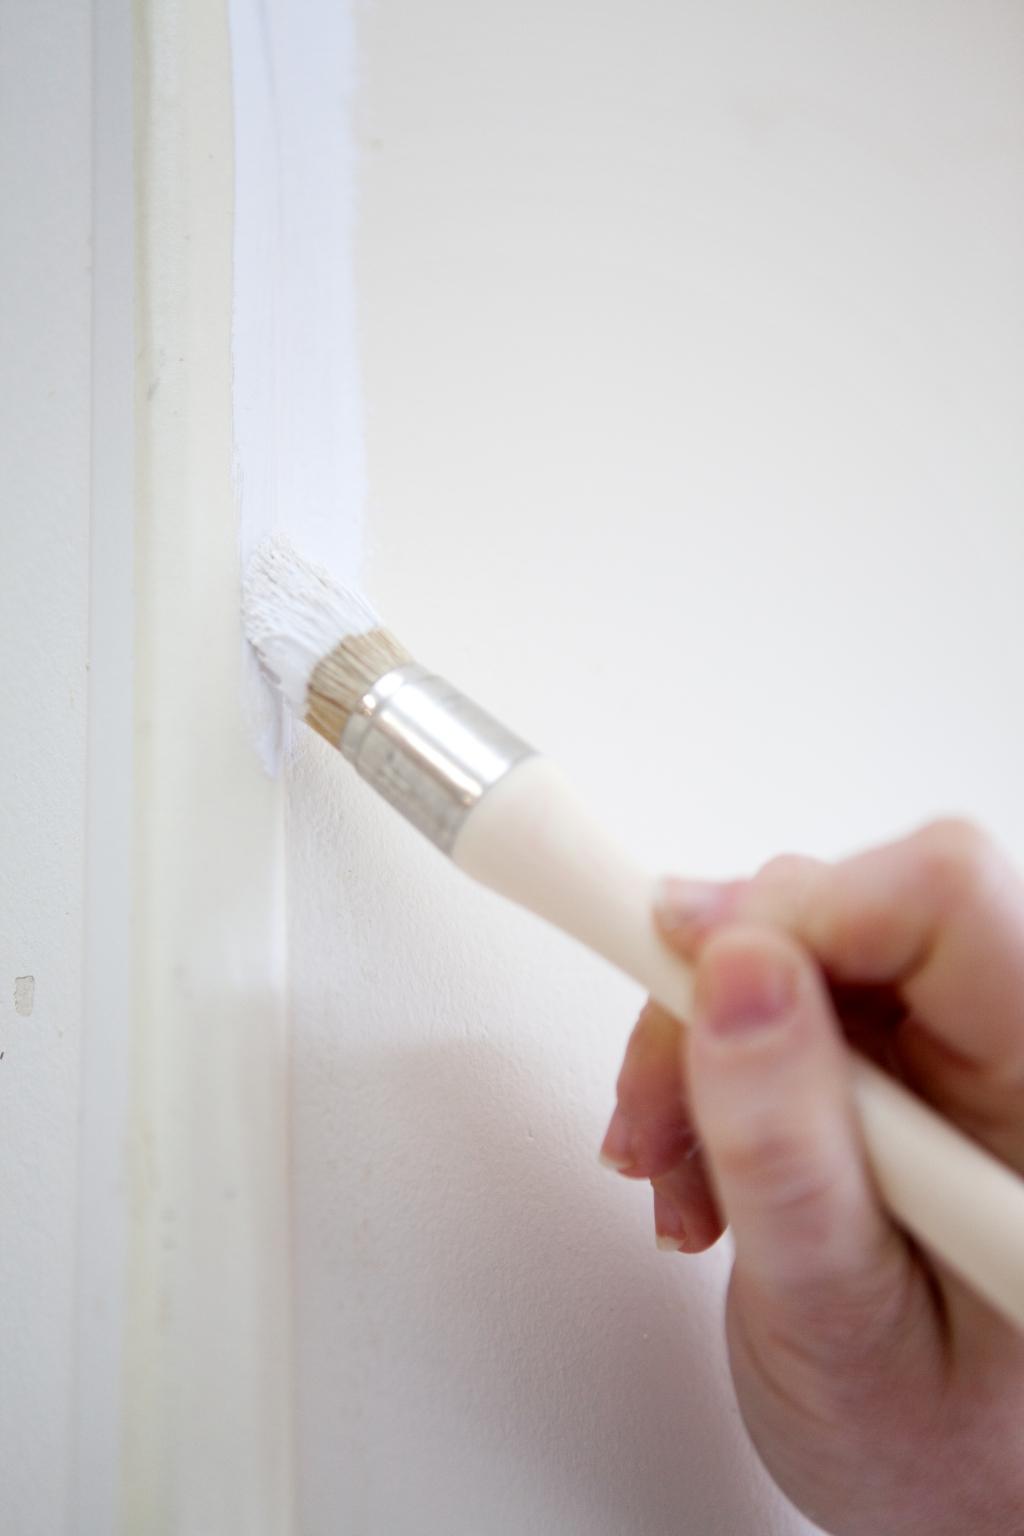 Peindre des murs avec de la peinture anti bruit - Étape 1